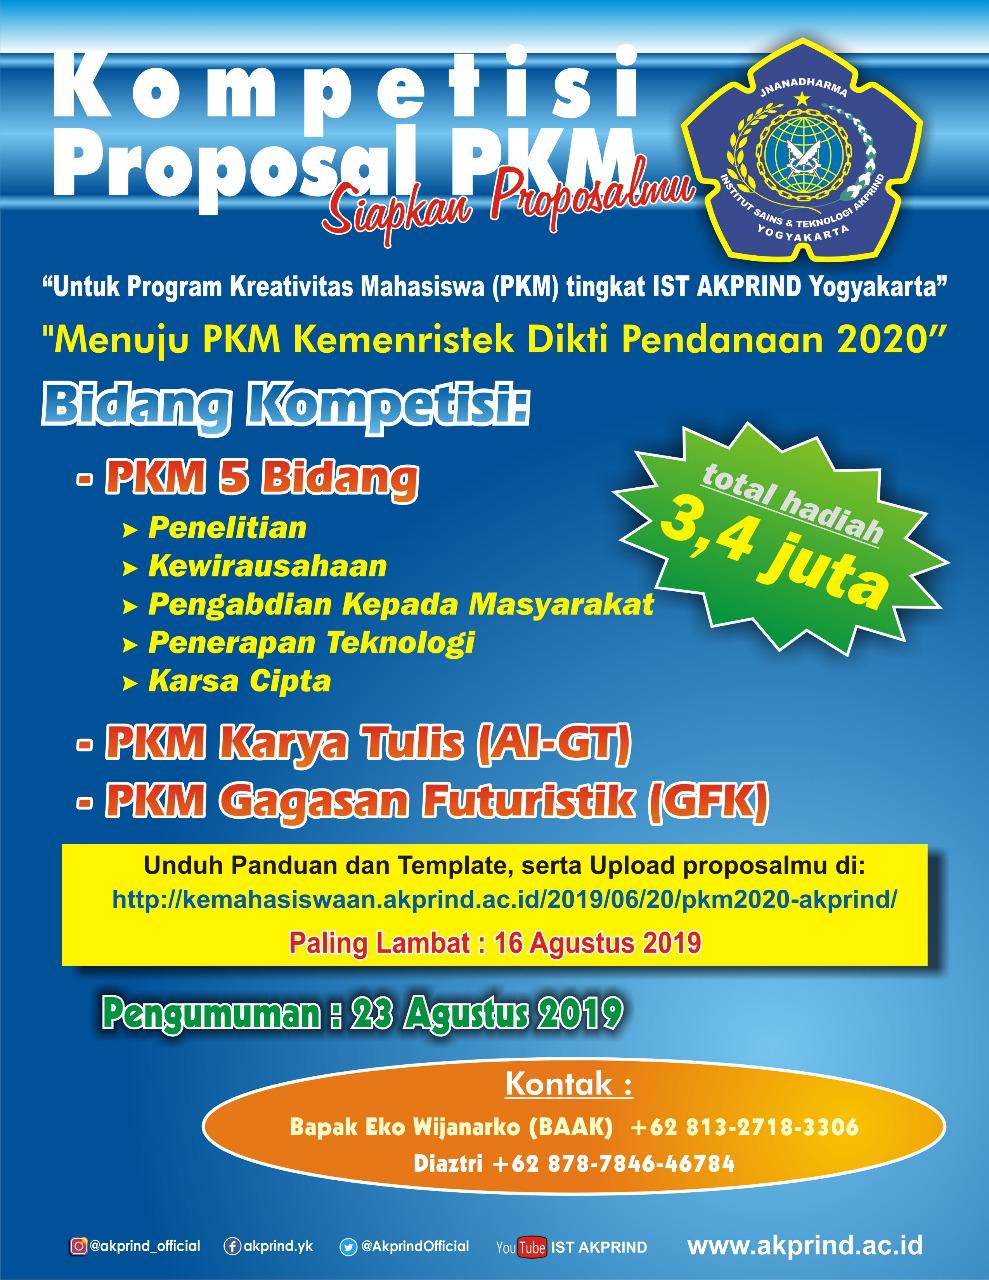 Kompetisi Program Kreatifitas Mahasiswa (PKM) 2020 Institut Sains & Teknologi Akprind